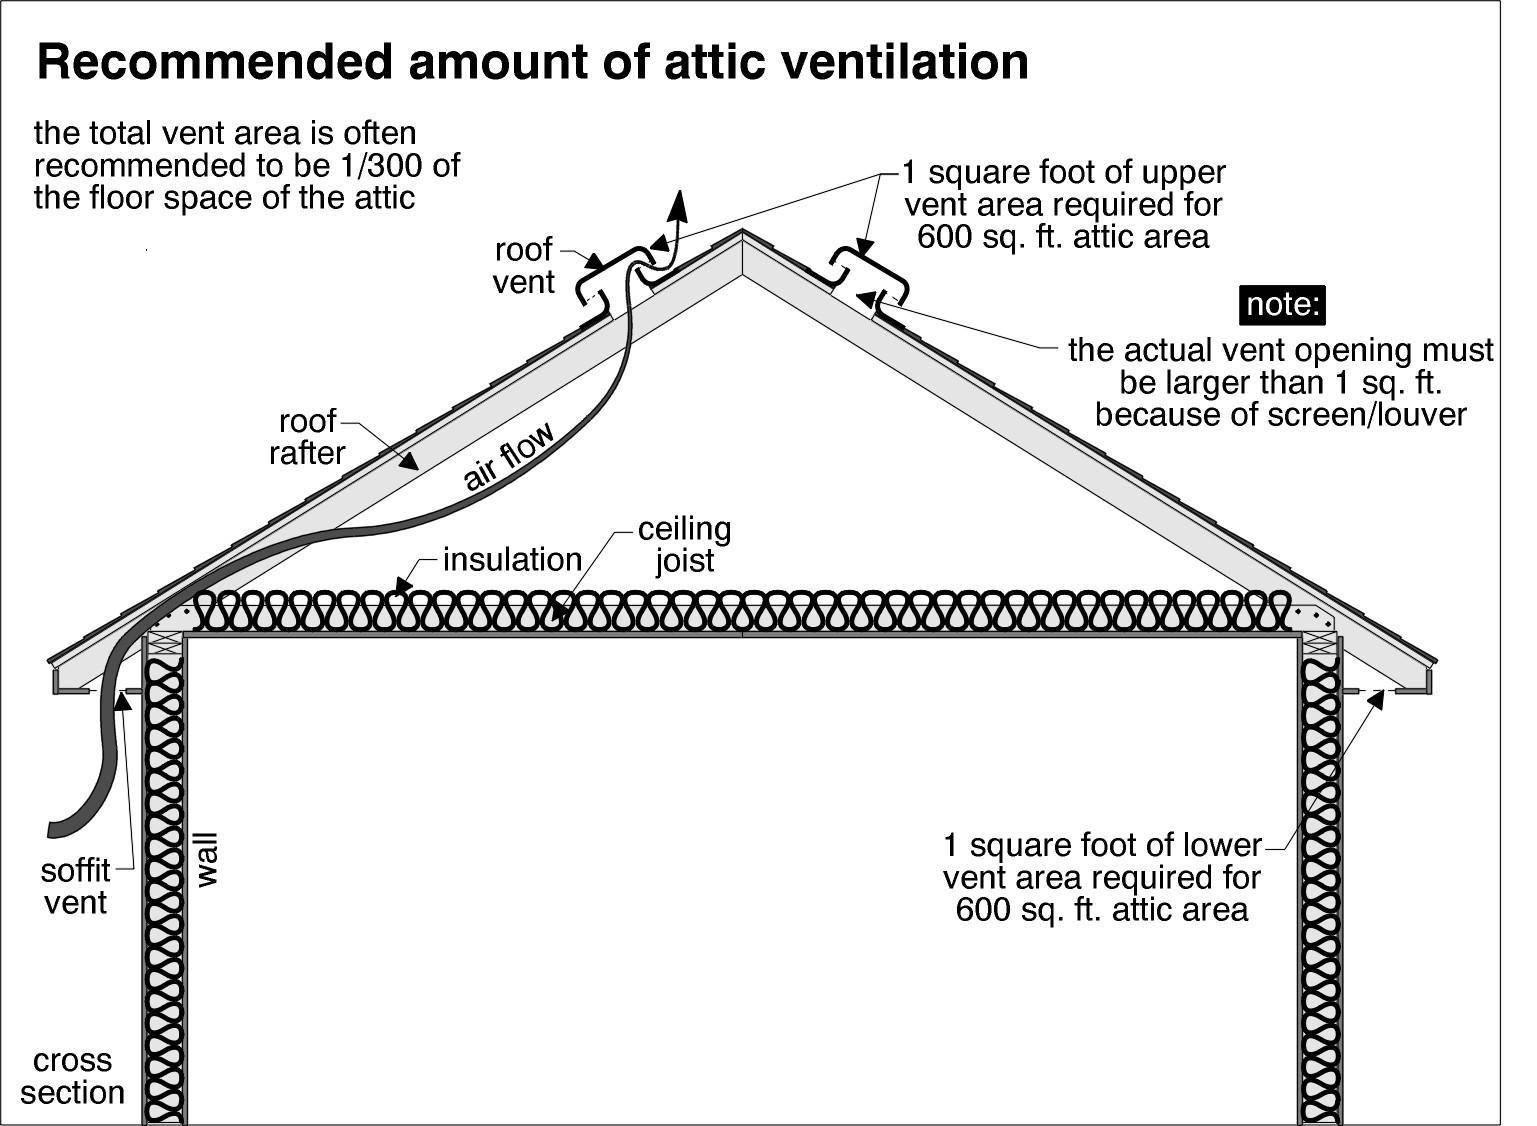 attic-ventilation